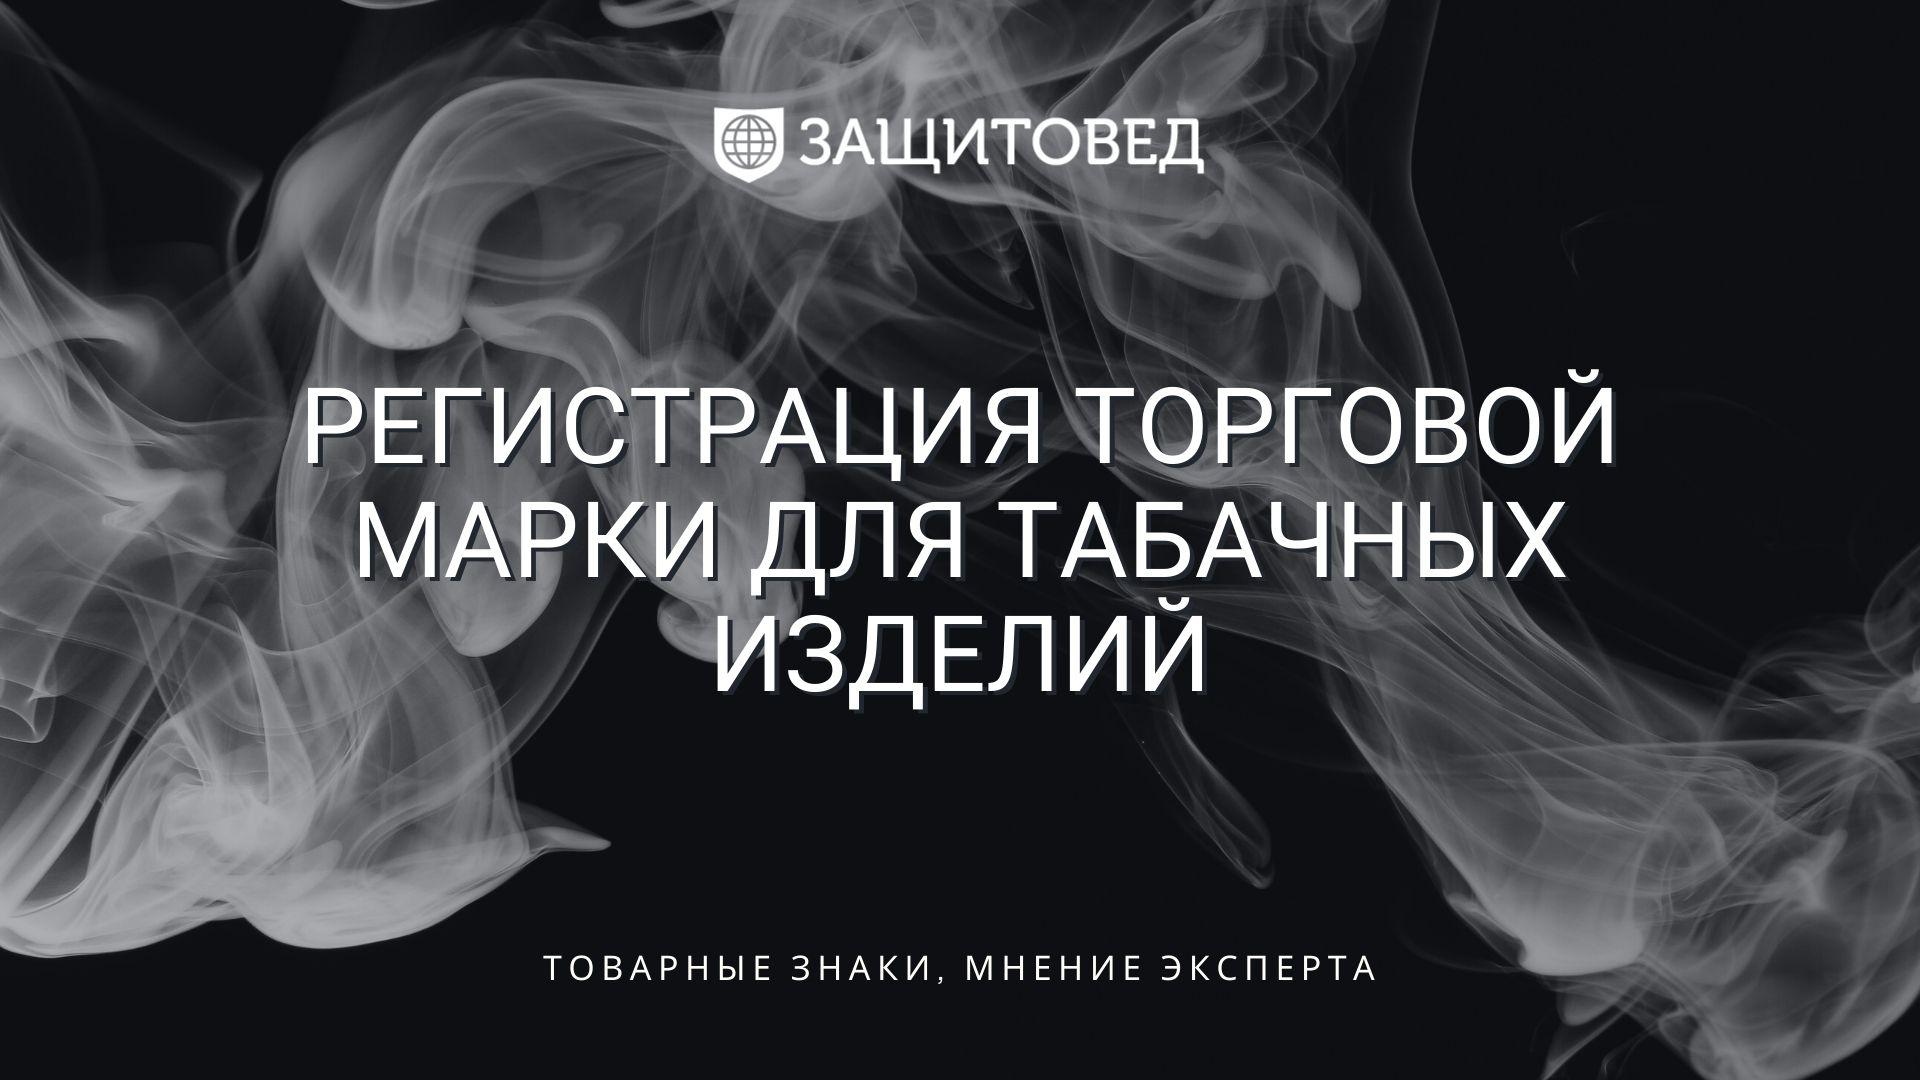 к табачным изделиям относят